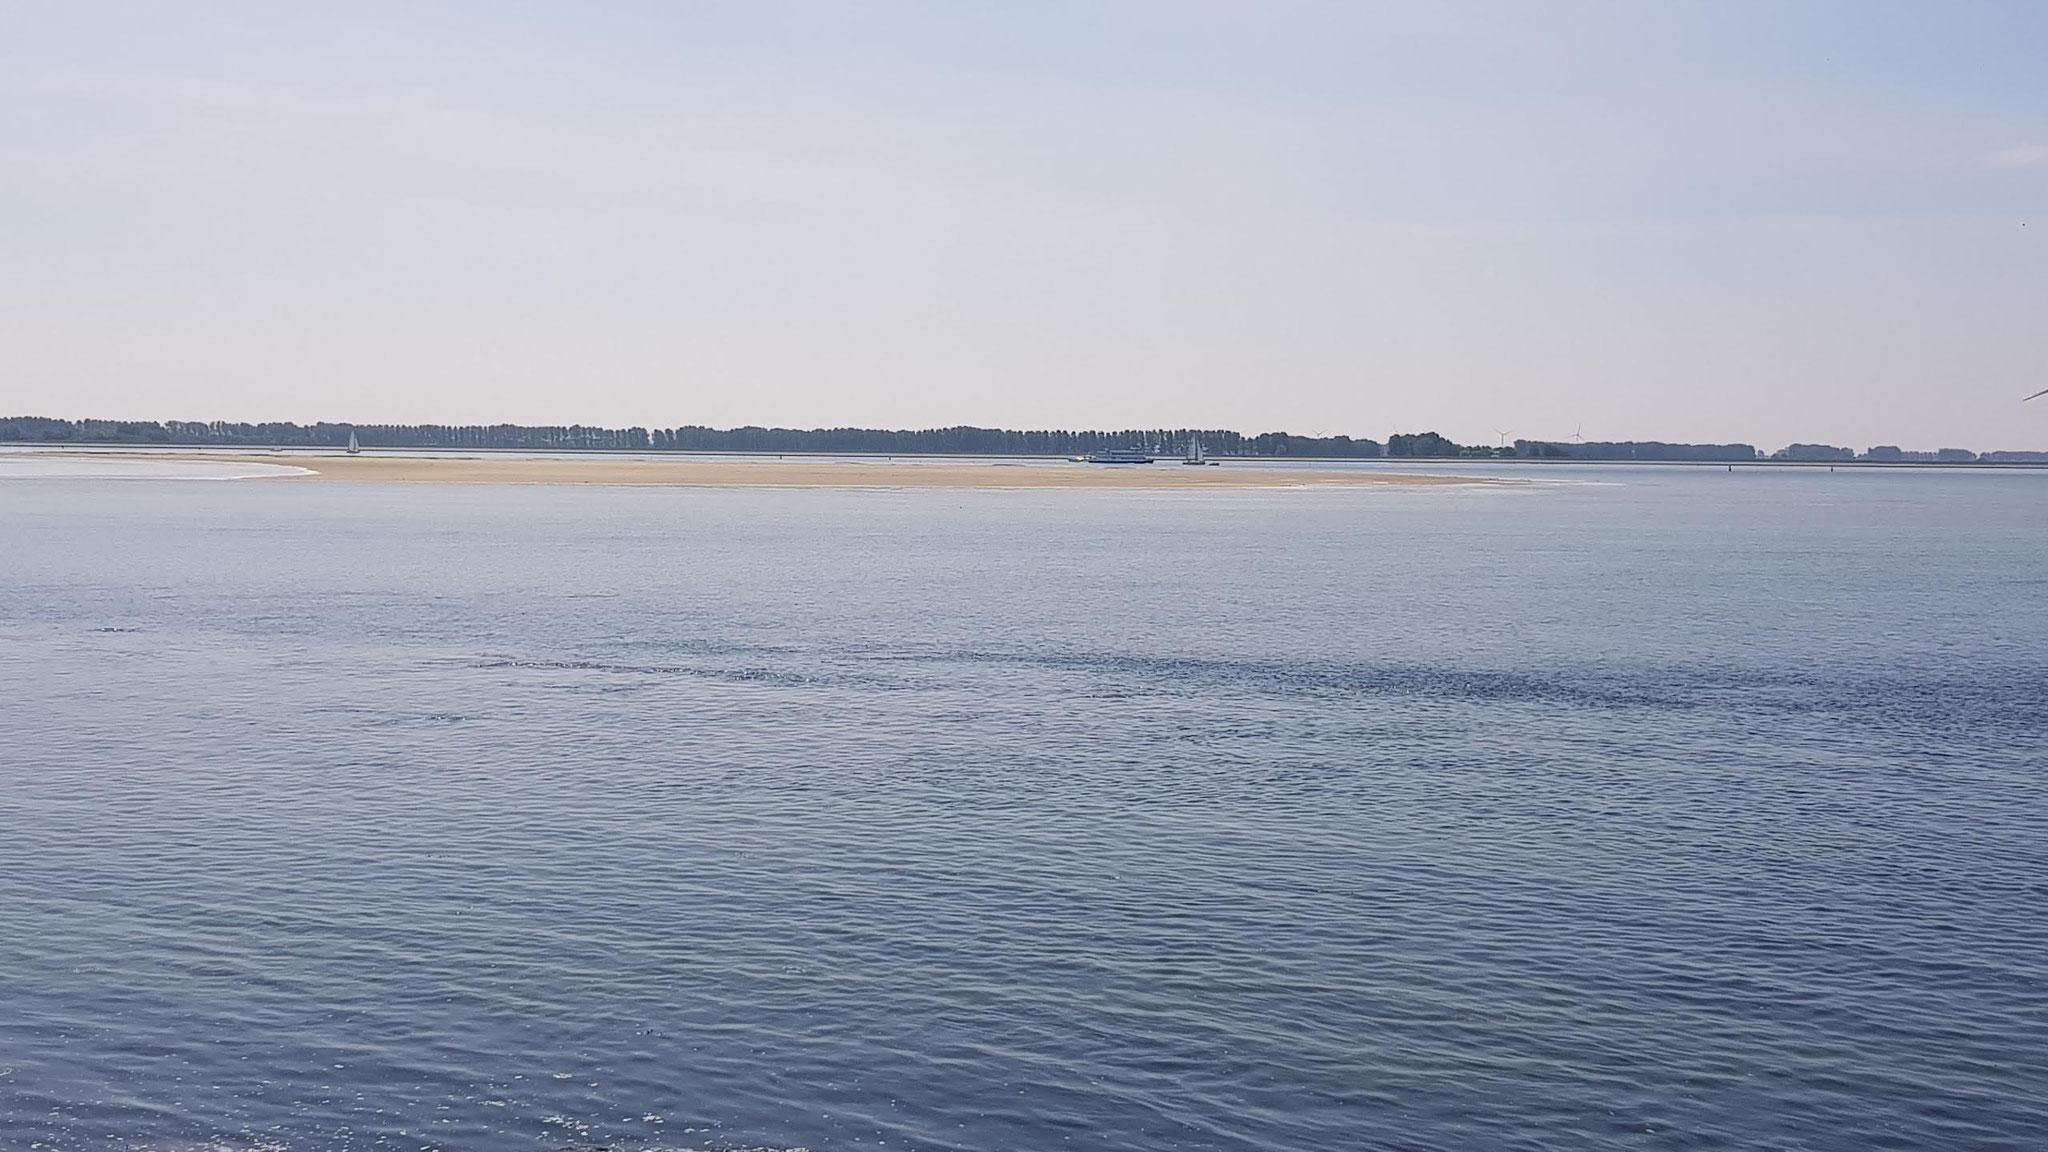 Sluis - Blick aufs Wasser